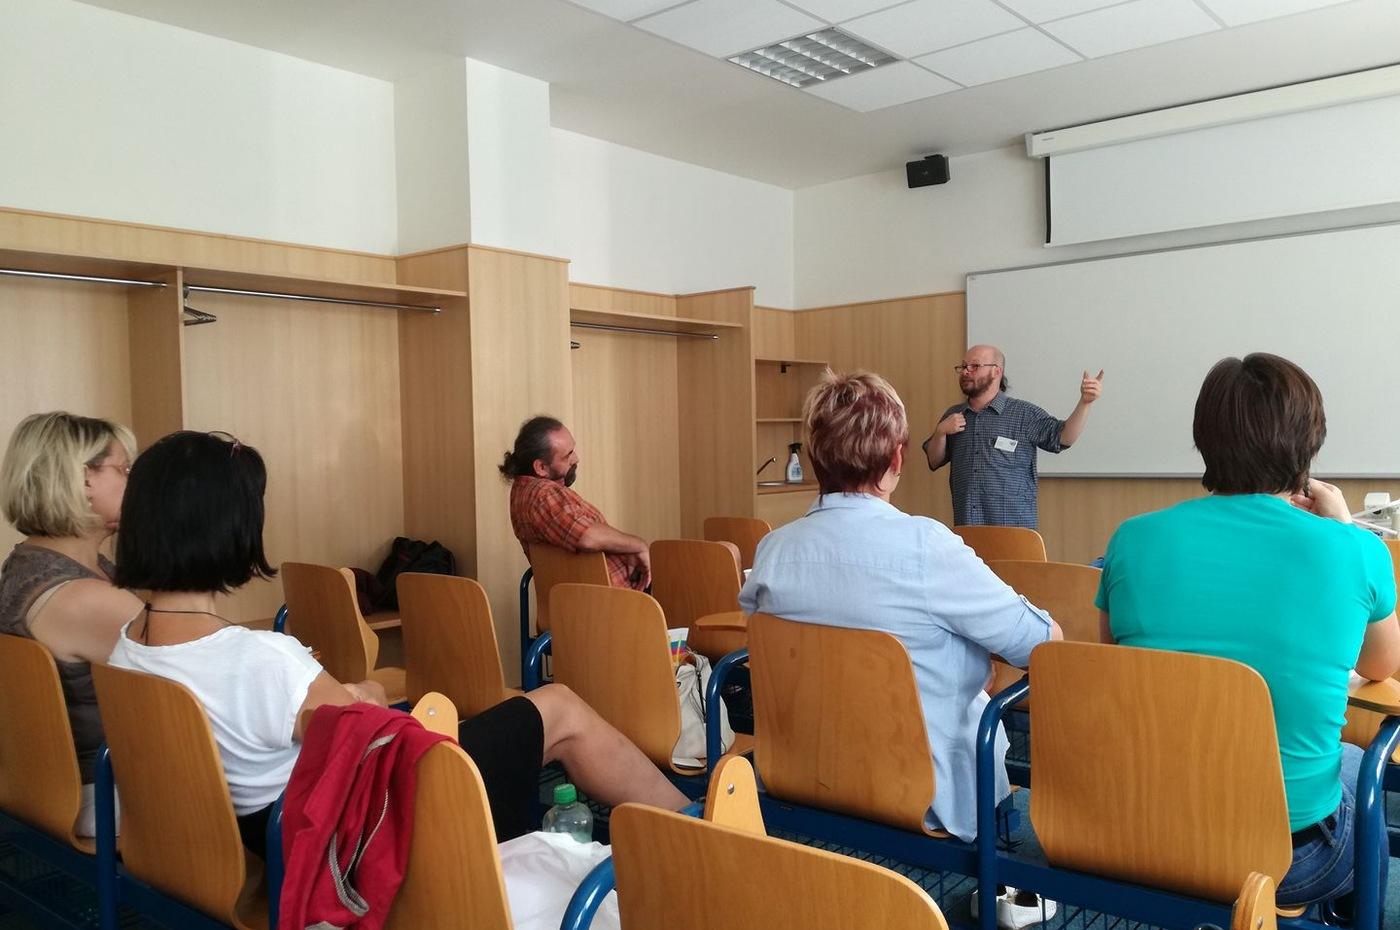 Úvodní přednáška o etických aspektech práce informačního pracovníka (Marek Timko)